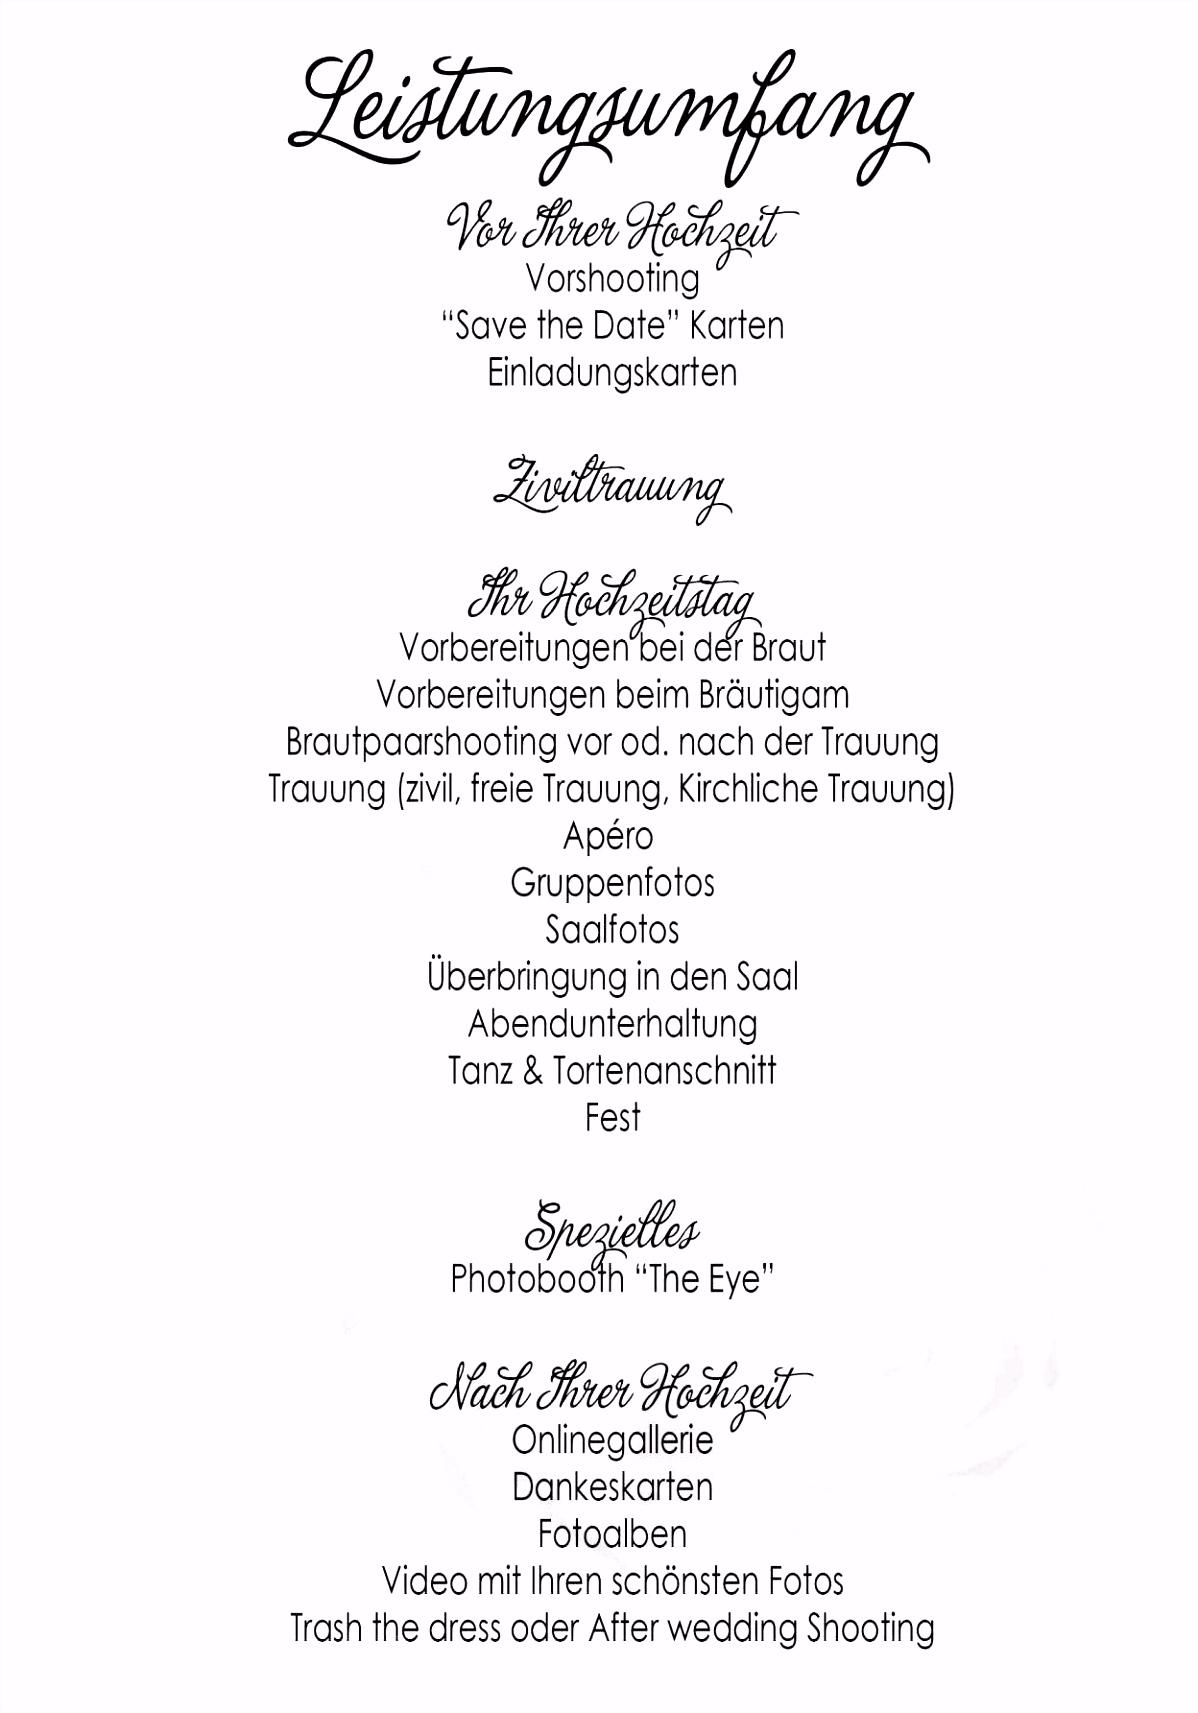 Haus Basteln Pappe Vorlage Trauer Karte Dankeskarte Drucken